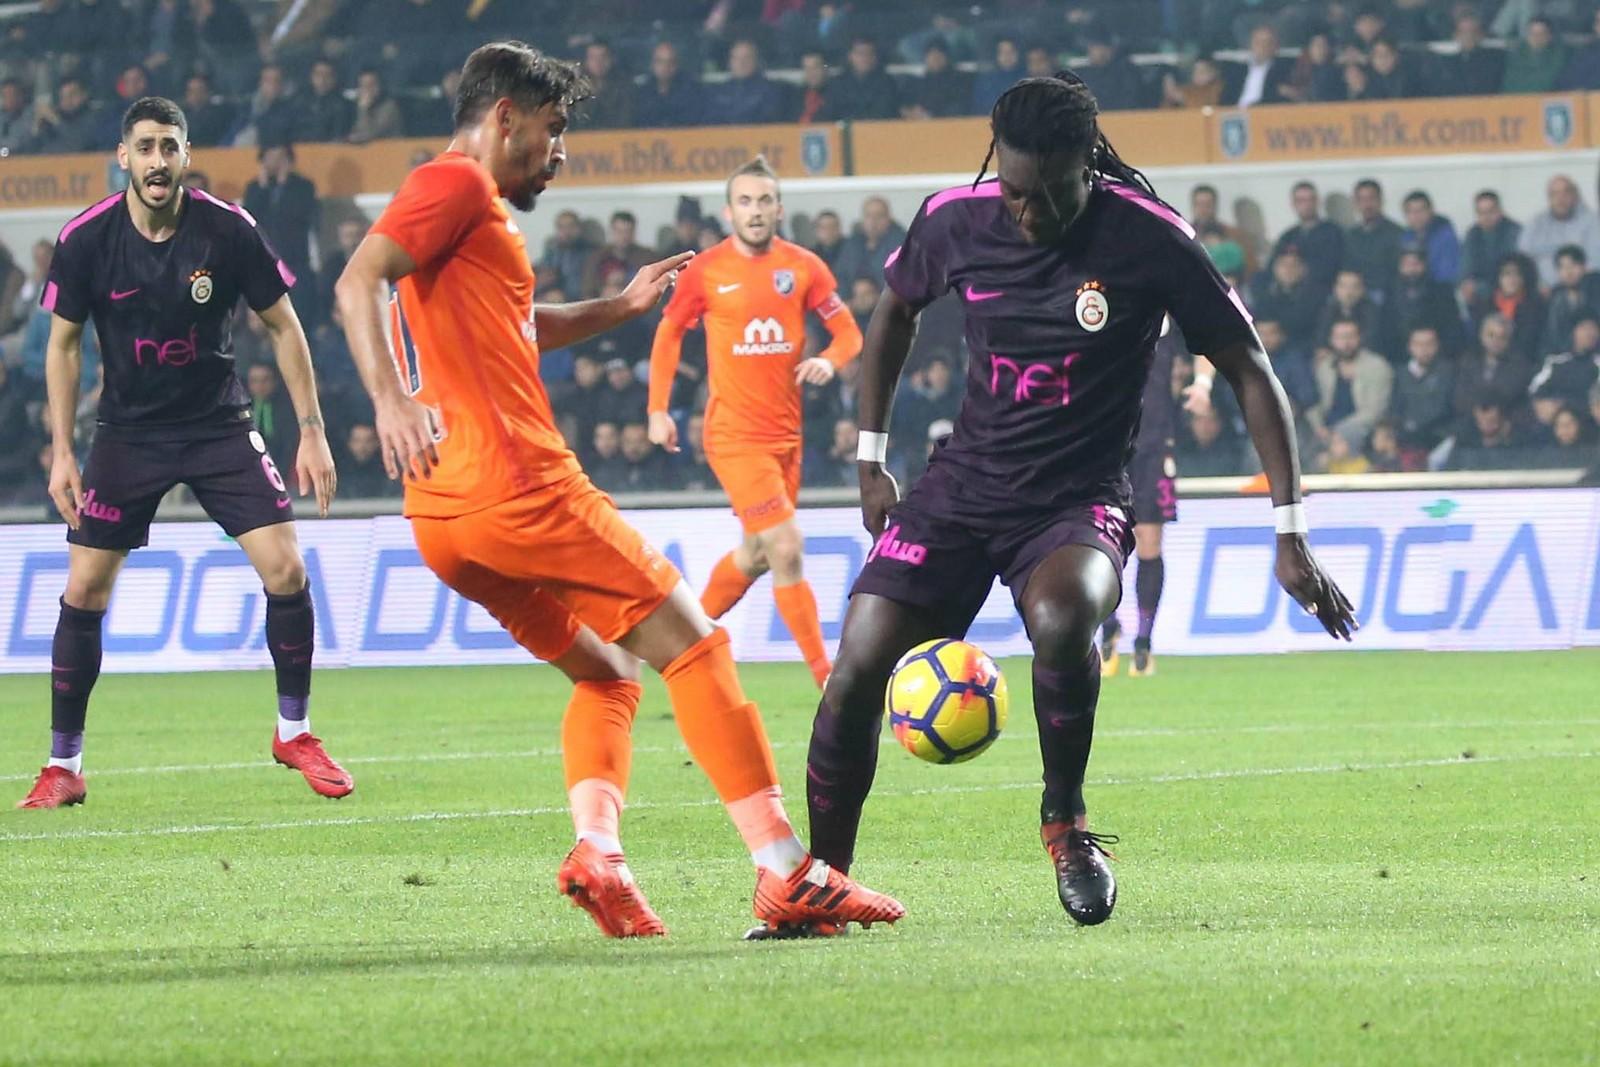 Irfan Kahveci von Basaksehir gegen Bafetimbi Gomis von Galatasaray